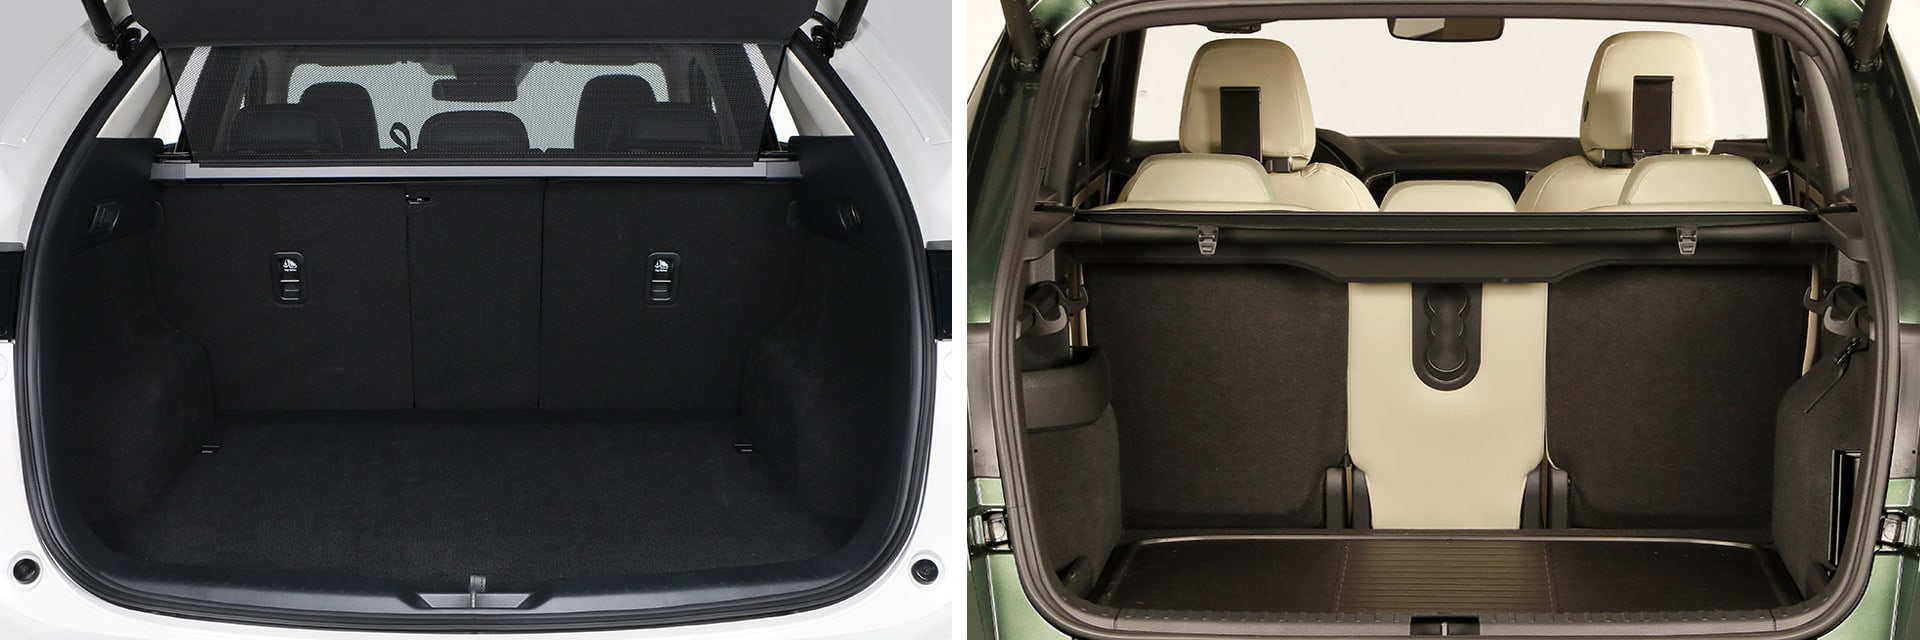 El maletero del Mazda CX-5 (izq.) tiene una capacidad de 477 litros; el del Škoda Karoq (dcha.) es de 521 litros.